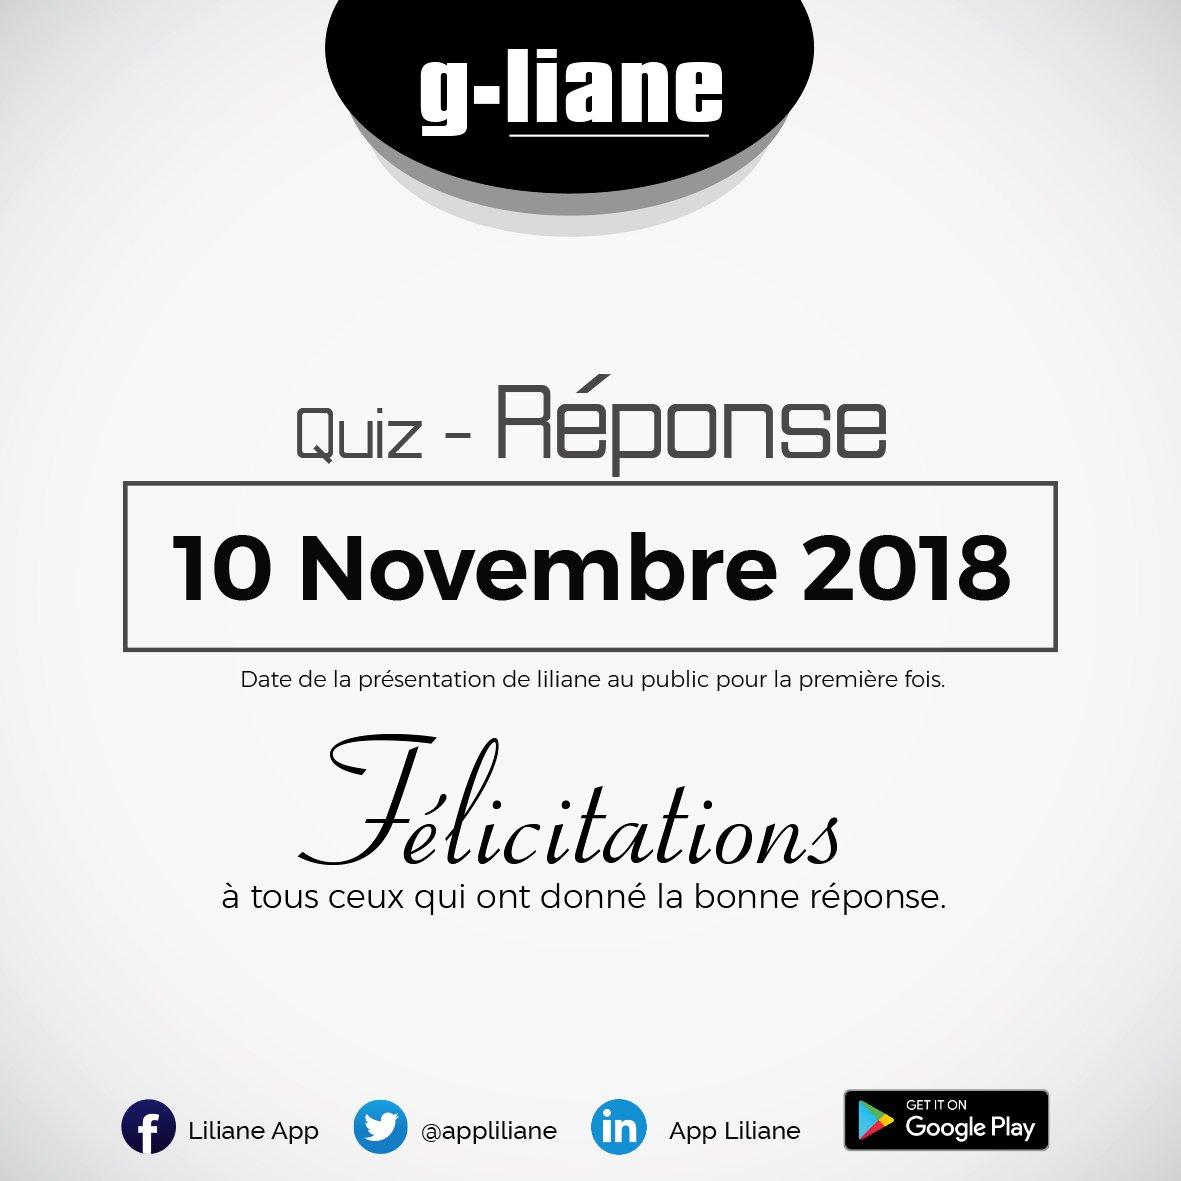 Le gagnant de #Gliane 2 est @jnoumonvi. Il a été le premier à avoir la bonne réponse et ça s'est passé sur Twitter...@appliliane! Il vous montrera (ou non) lui-même son #Gliane prix... Félicitations @jnoumonvi https://t.co/PBSUjscMJP